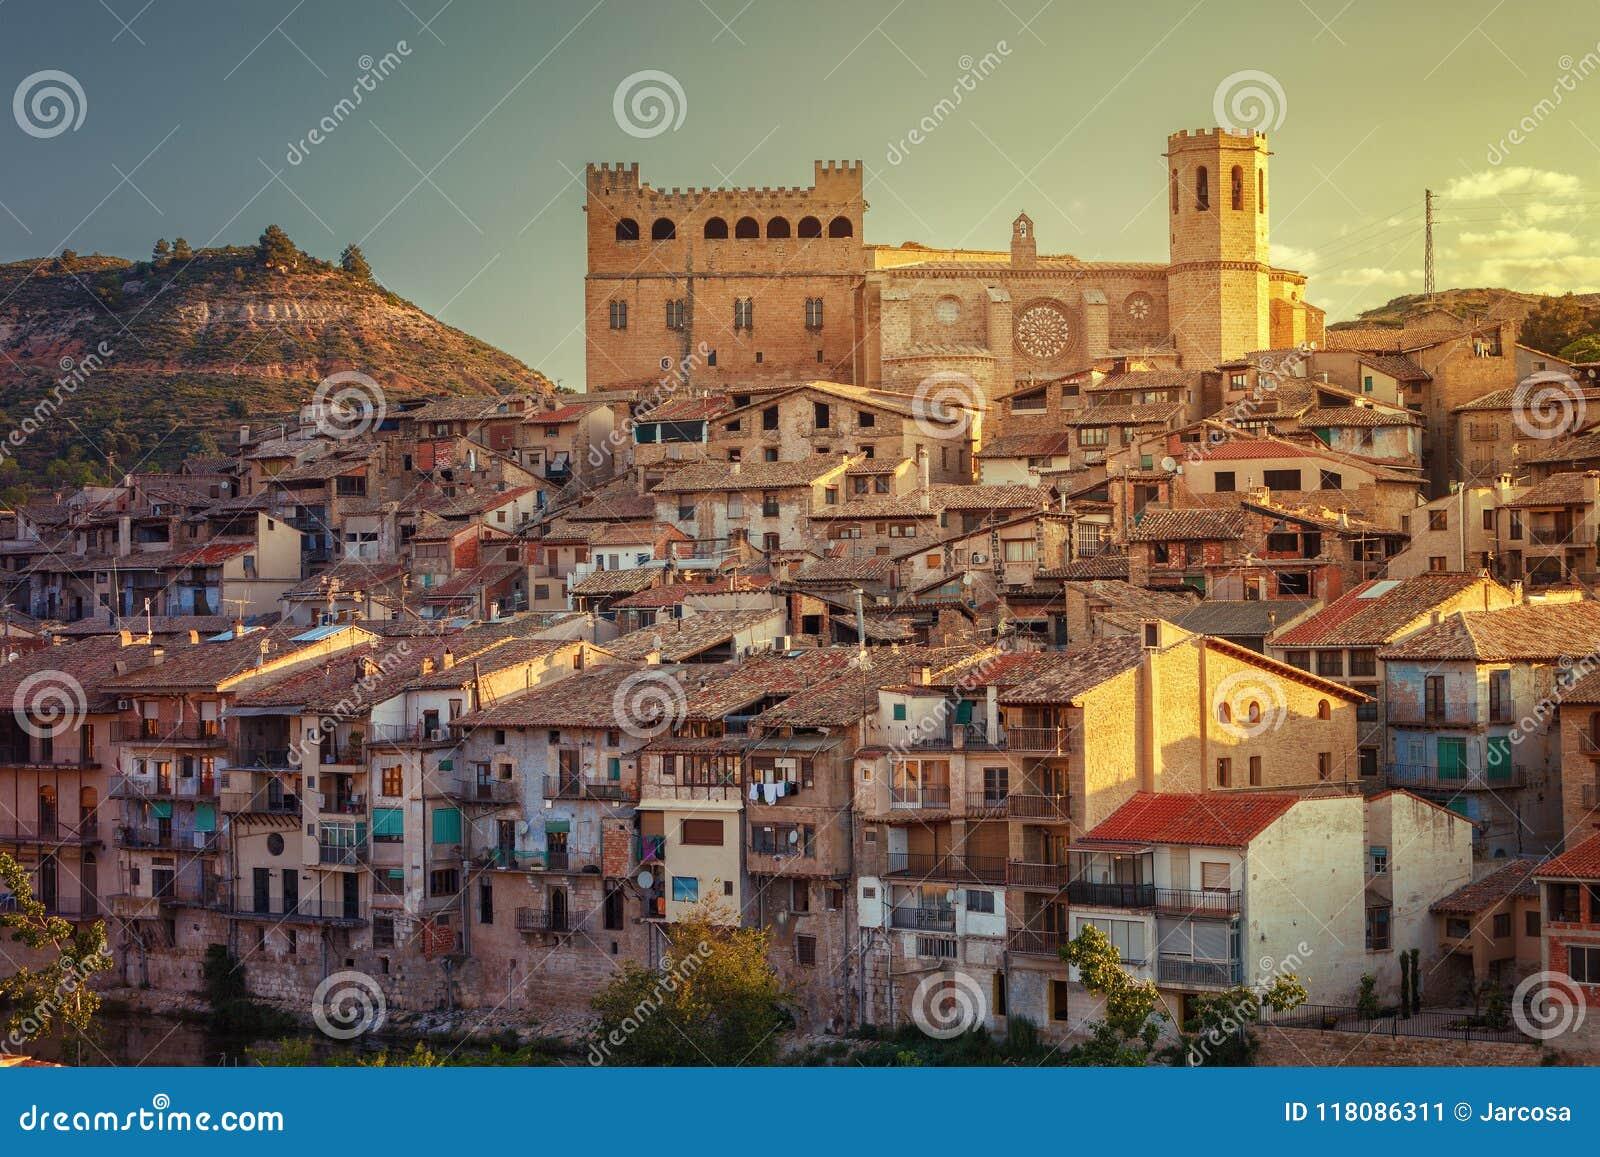 12世纪的巴尔德罗夫雷斯中世纪村庄, Matarrana dis